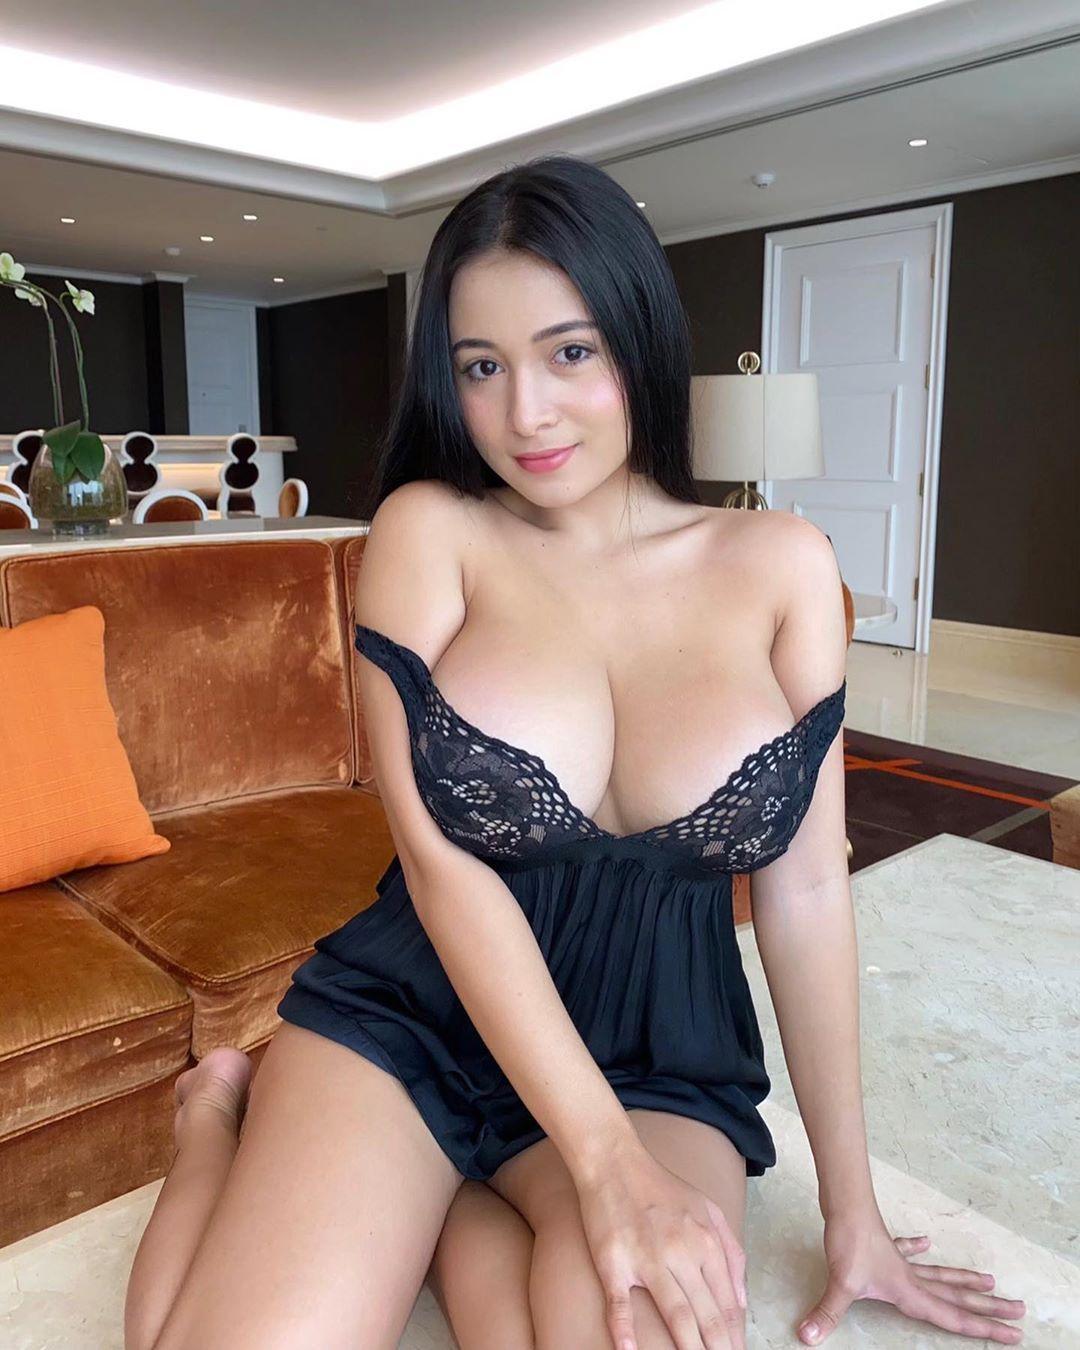 图片[2]-lu福利亚洲乳神菲律宾混血儿美女的魔鬼身材美女图片-福利巴士